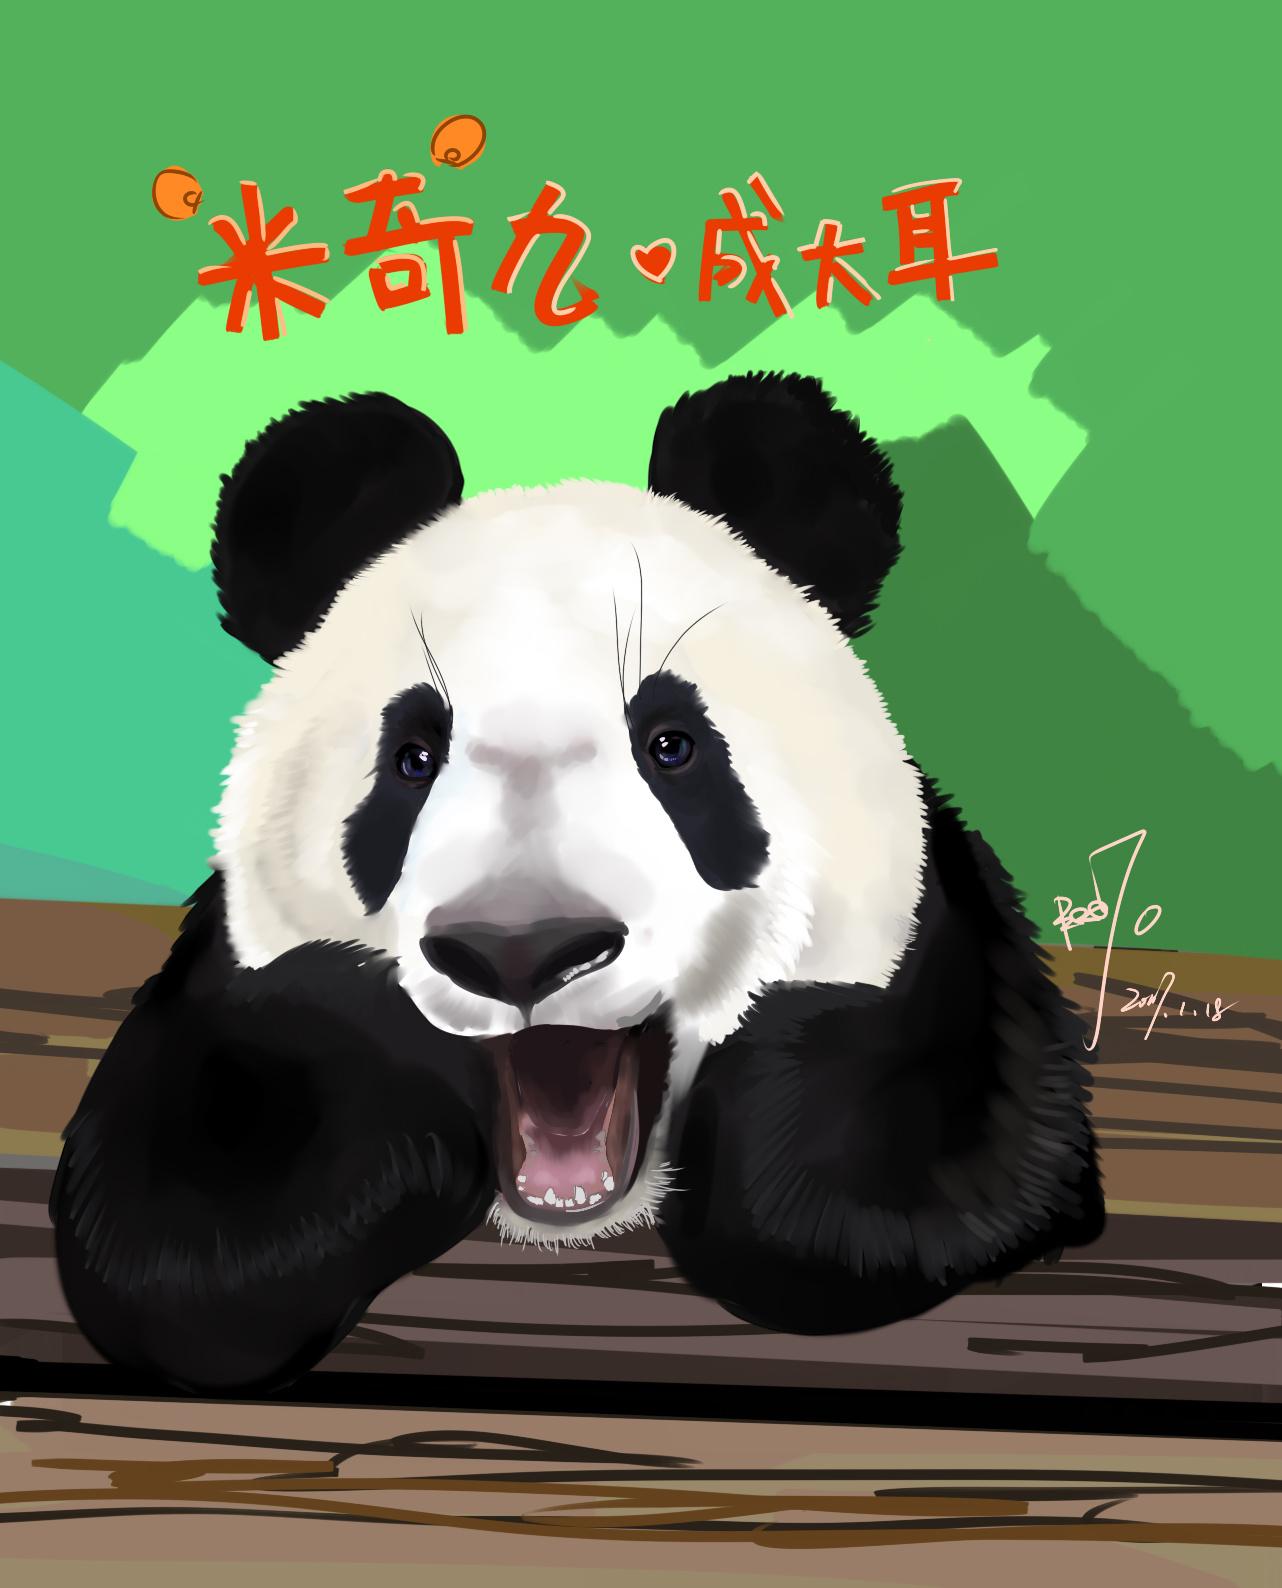 壁纸 大熊猫 动物 1282_1588 竖版 竖屏 手机